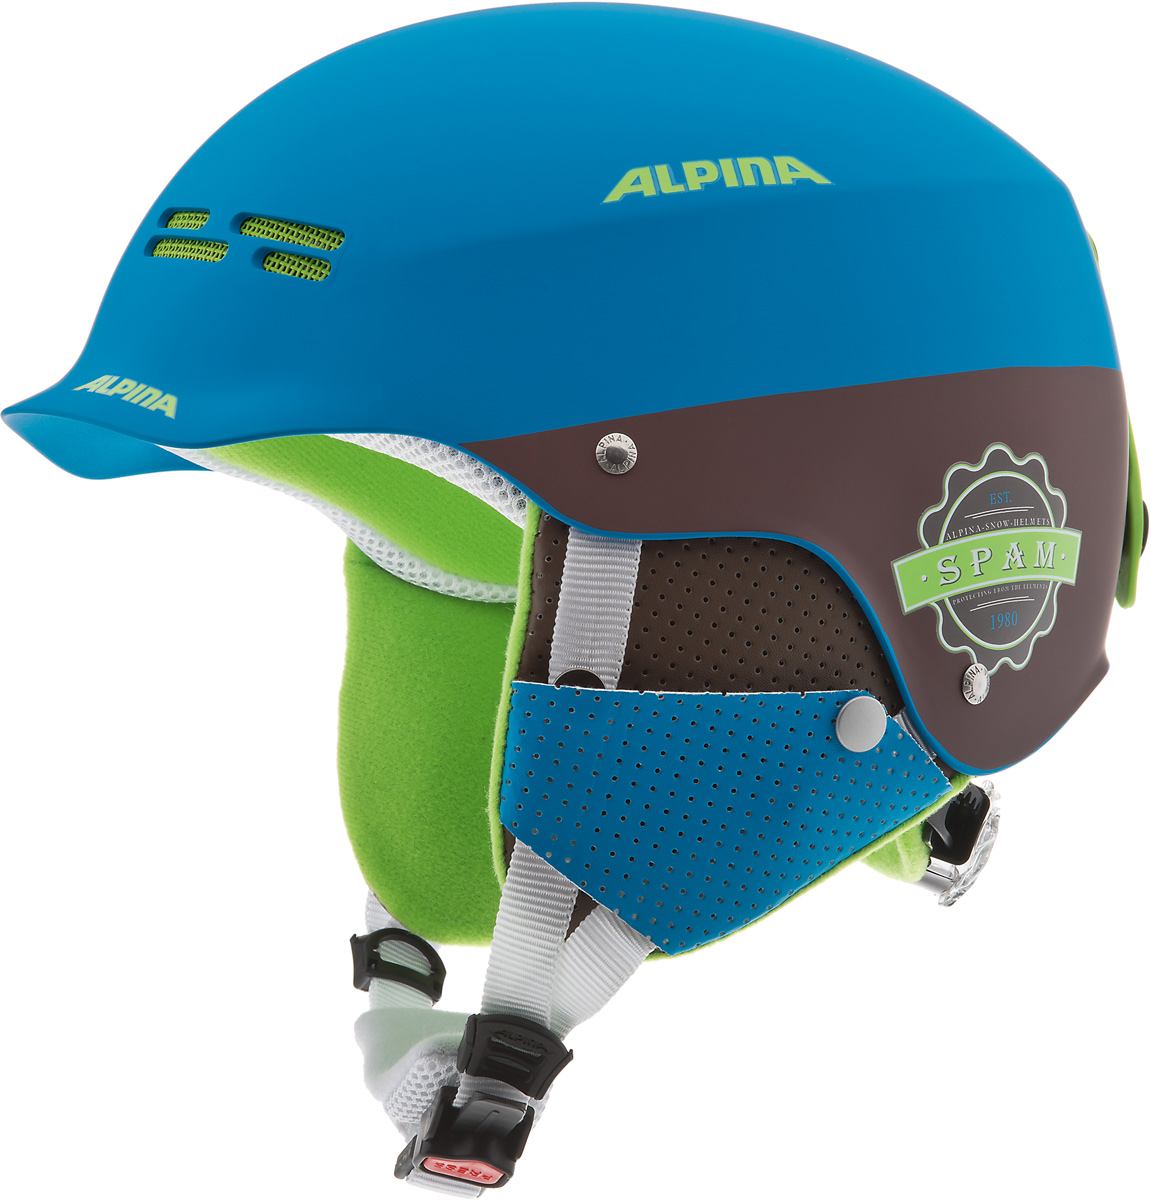 Шлем горнолыжный Alpina SPAM CAP JR blue-brown matt. Размер 50-54A9064_83Версия знаменитого шлема, созданная специально для детей. Обладает теми же характеристиками, что и старшая модель.Технологии:HARD SHELL - сочетание ударопрочного внешней оболочки (ABS пластик или поликарбонат) и утепляющей внутренней оболочки (EPS) гарантирует максимальную безопасность.RUN SYSTEM ERGO SNOW – гибкая система настройки шлема, оснащённая удобной ручкой, оснащенная двумя дополнительными подушками-уплотнителями для сокращения давления.VENTING SYSTEM – особые вентиляционные отверстия для отведения излишнего тепла и поддержания оптимальной температуры.REMOVABLE EARPADS - съемные амбушюры добавляют чувства свободы во время катания в теплую погоду, не в ущерб безопасности. При падении температуры, амбушюры легко устанавливаются обратно на шлем.